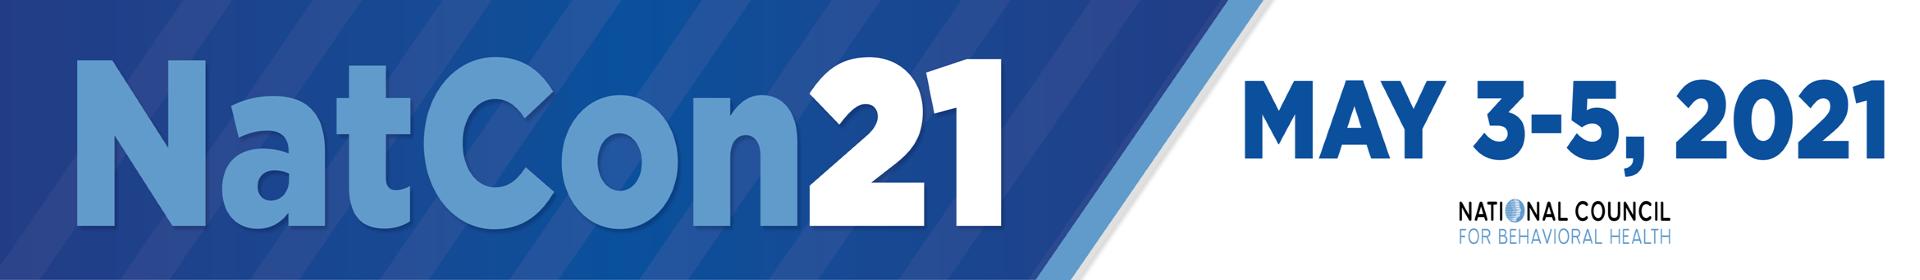 NatCon21 Event Banner